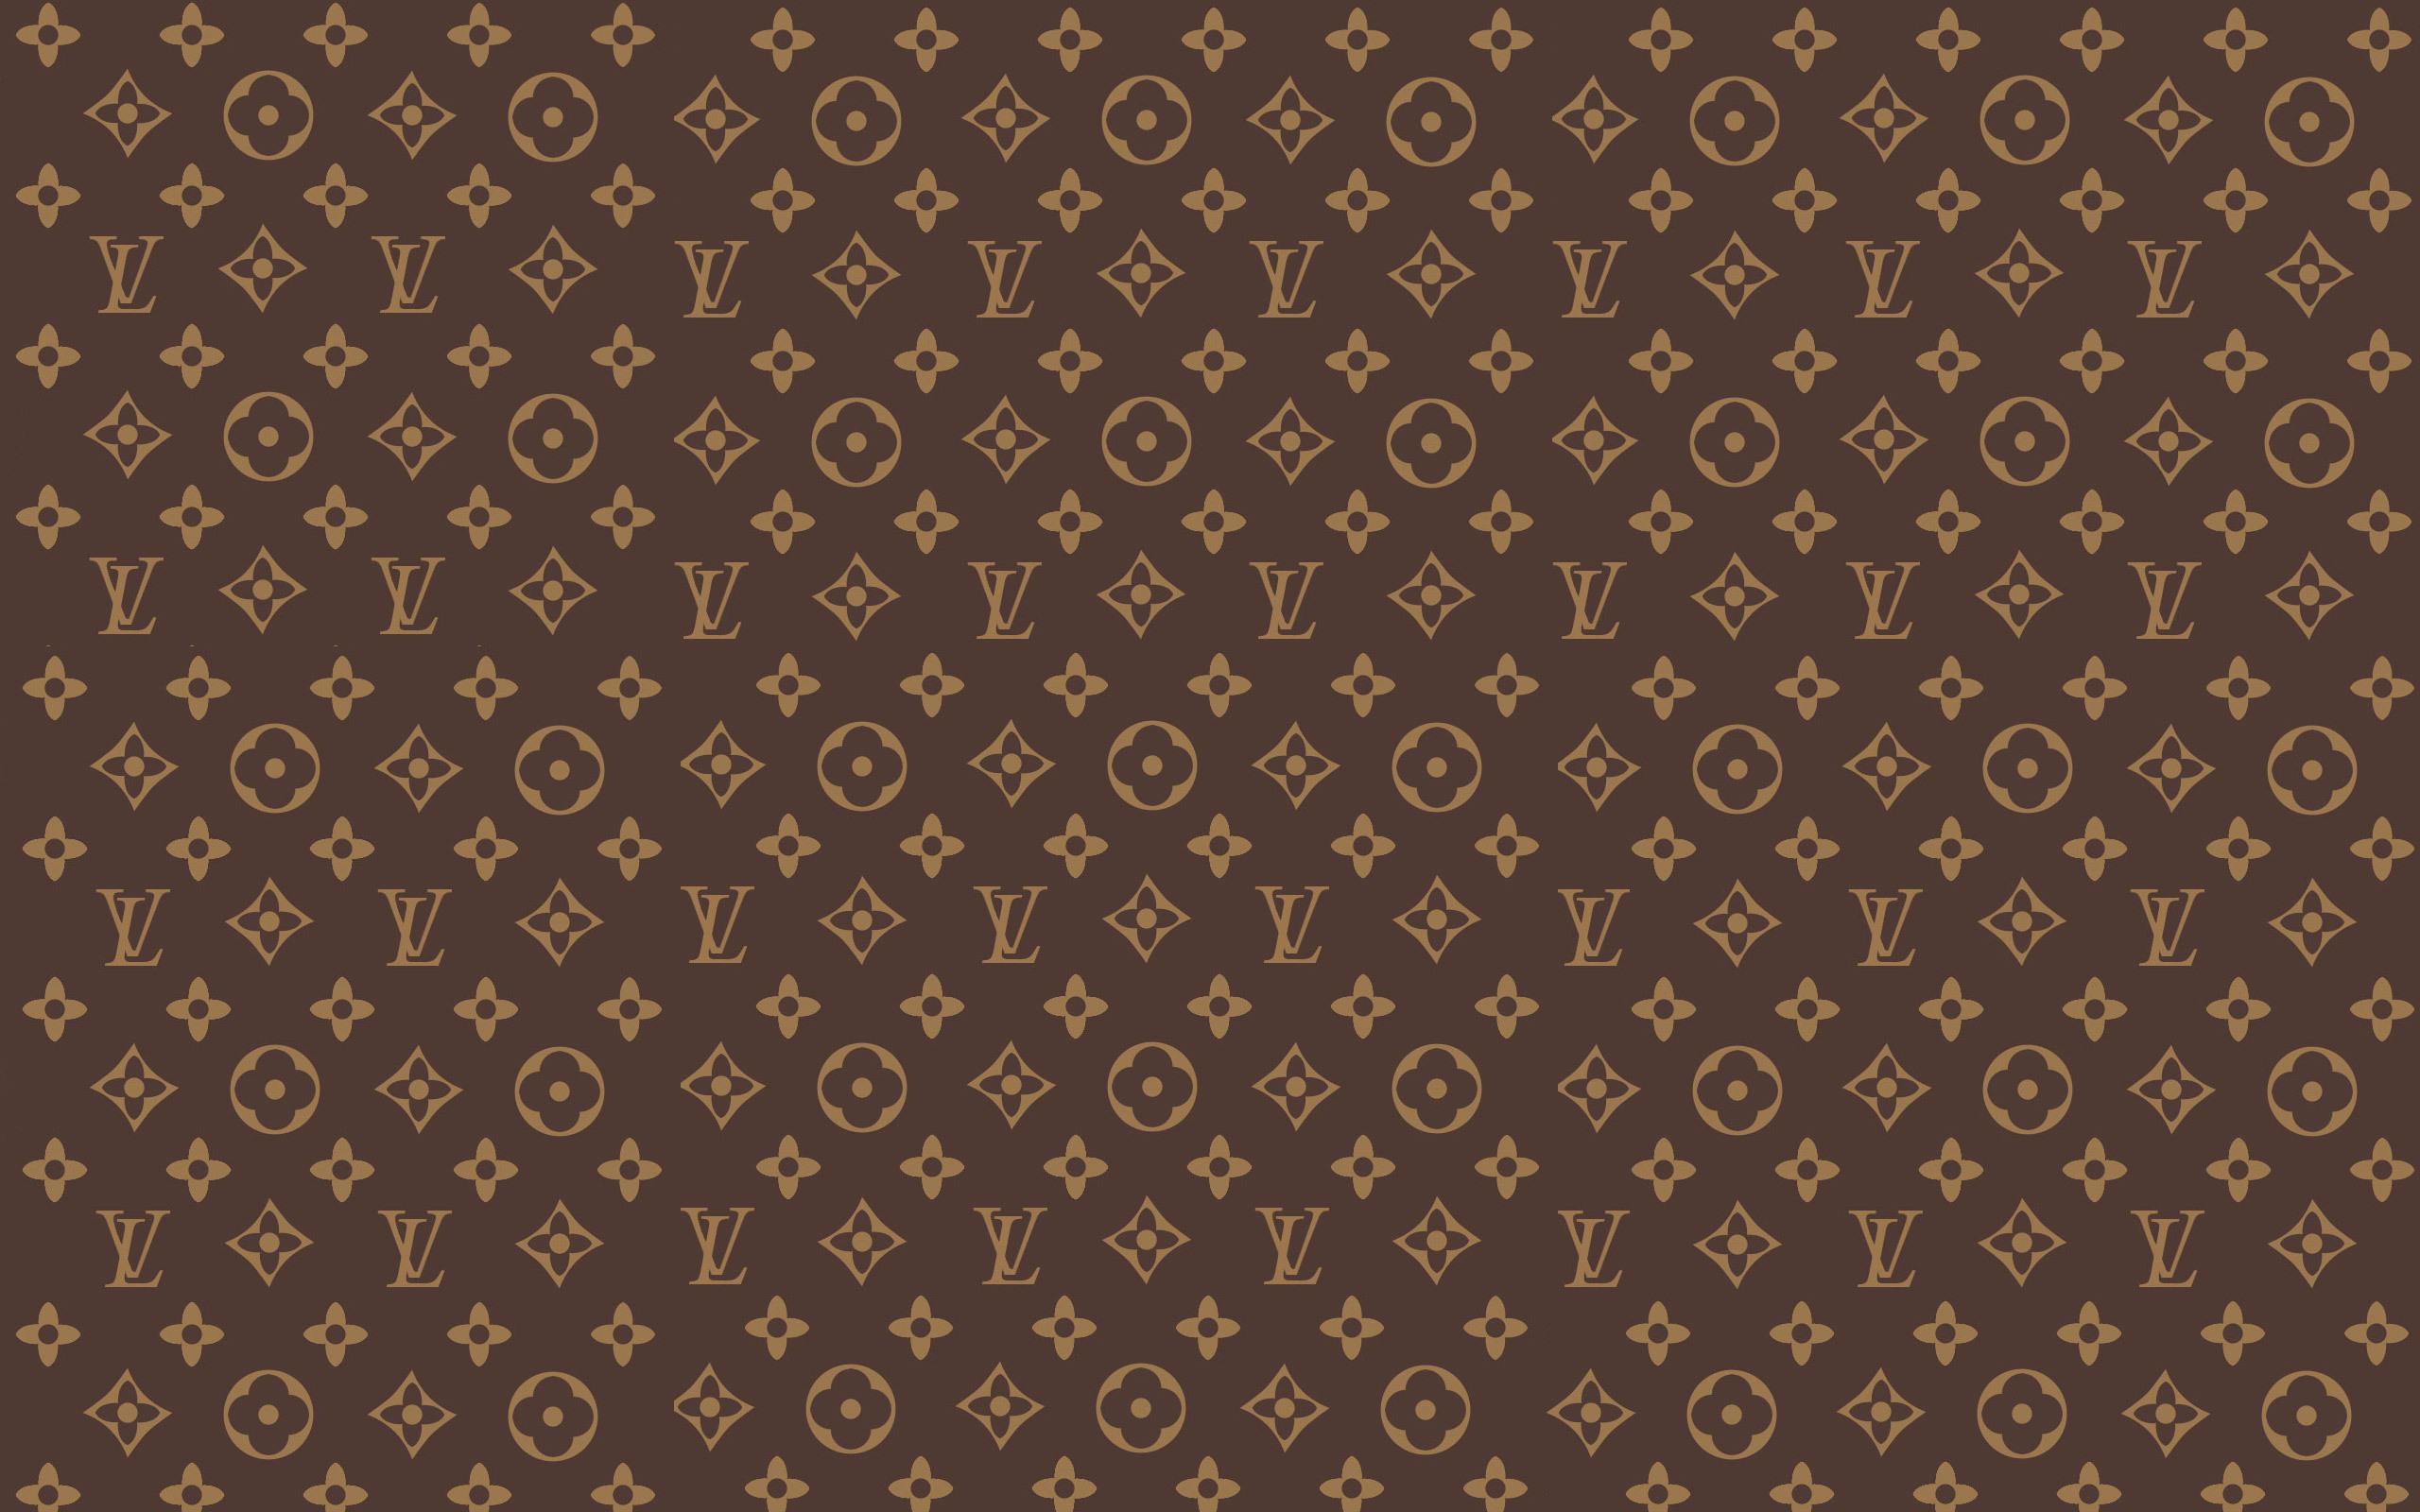 Louis Vuitton Widescreen